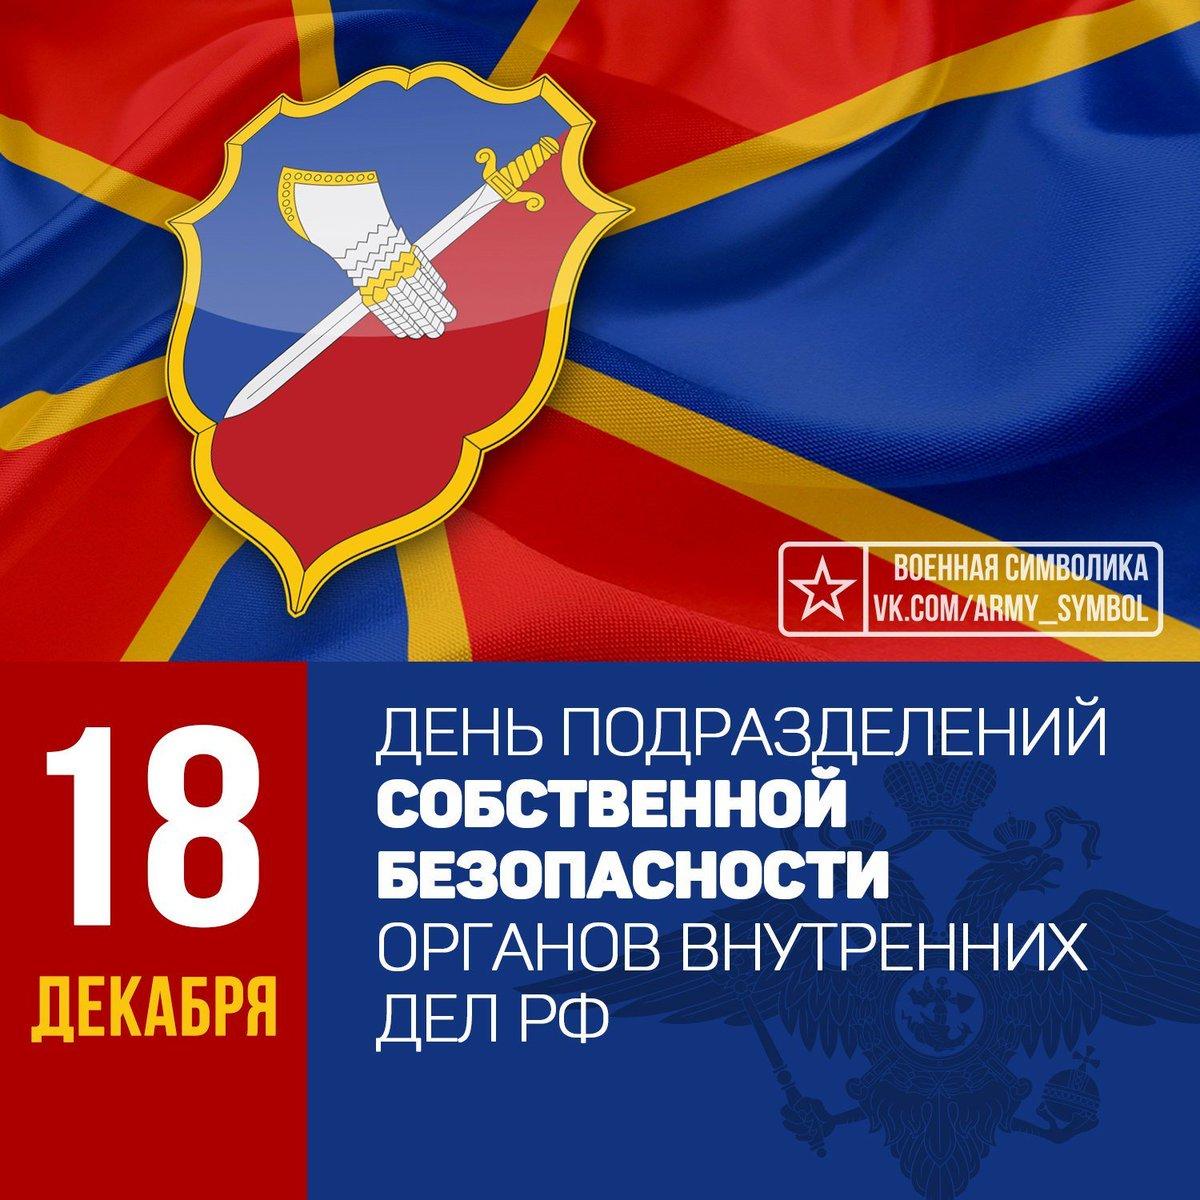 День собственной безопасности мвд россии